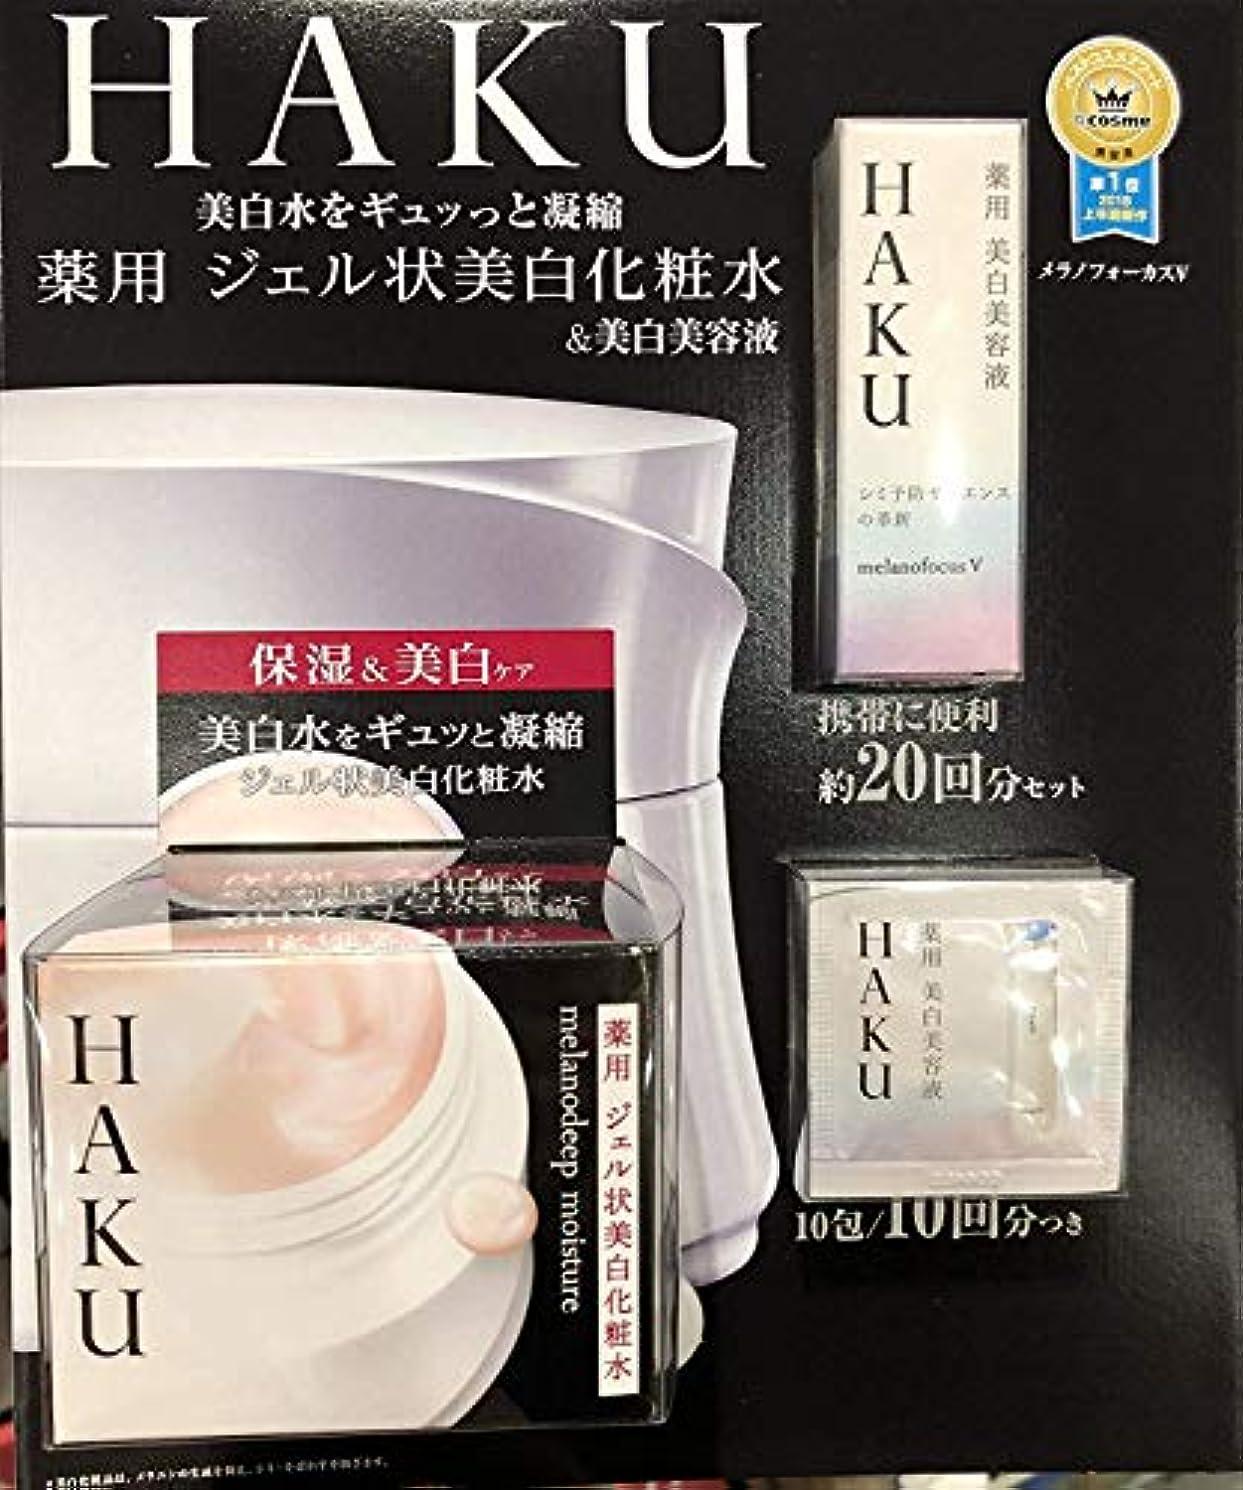 スプリット甲虫クマノミ資生堂 HAKU 美白セット 薬用 ジェル状美白化粧水&薬用美白乳液セット